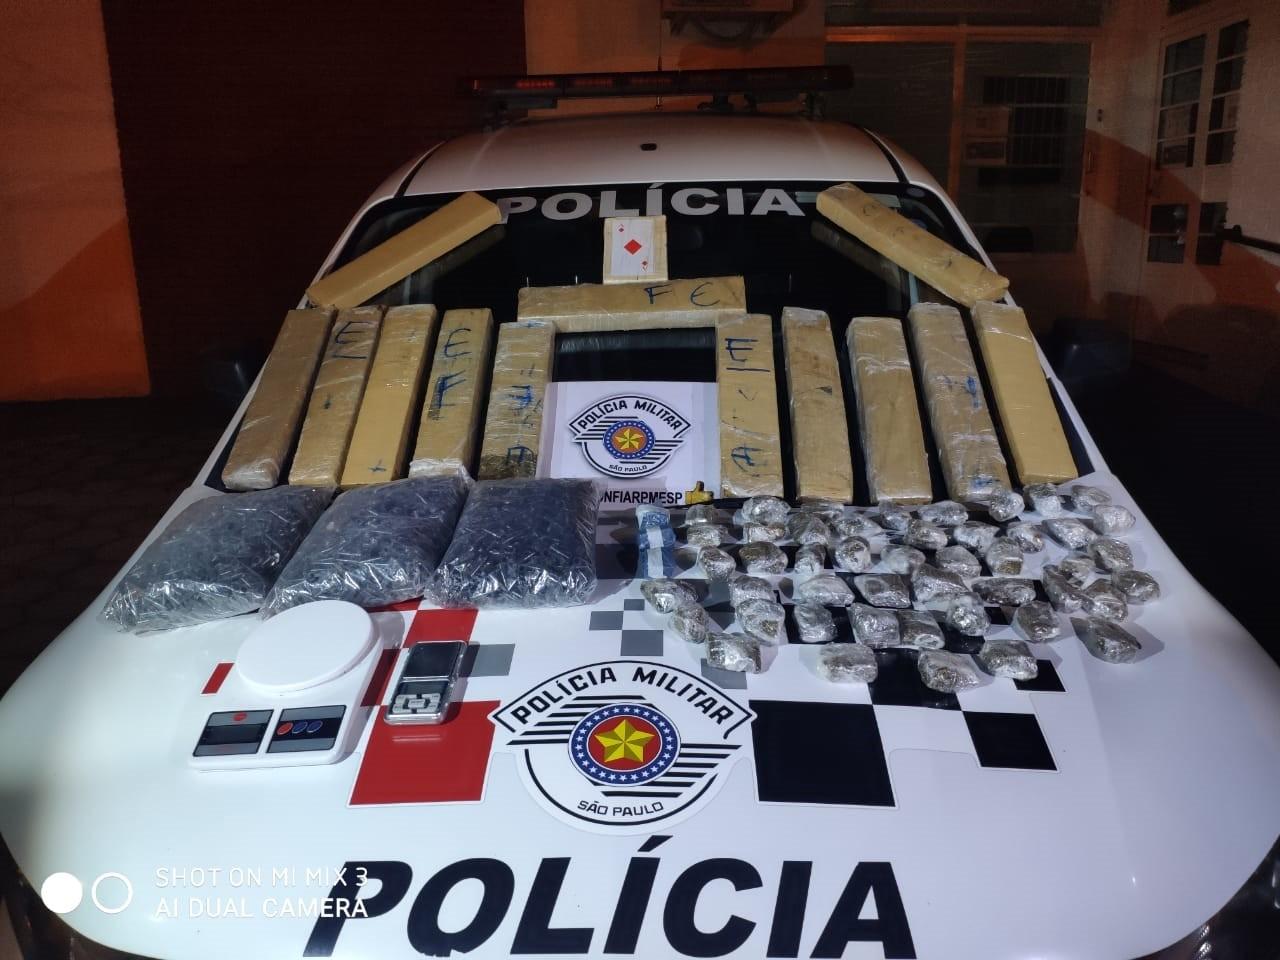 Homem é preso com mais de 20 quilos de drogas em Guaratinguetá